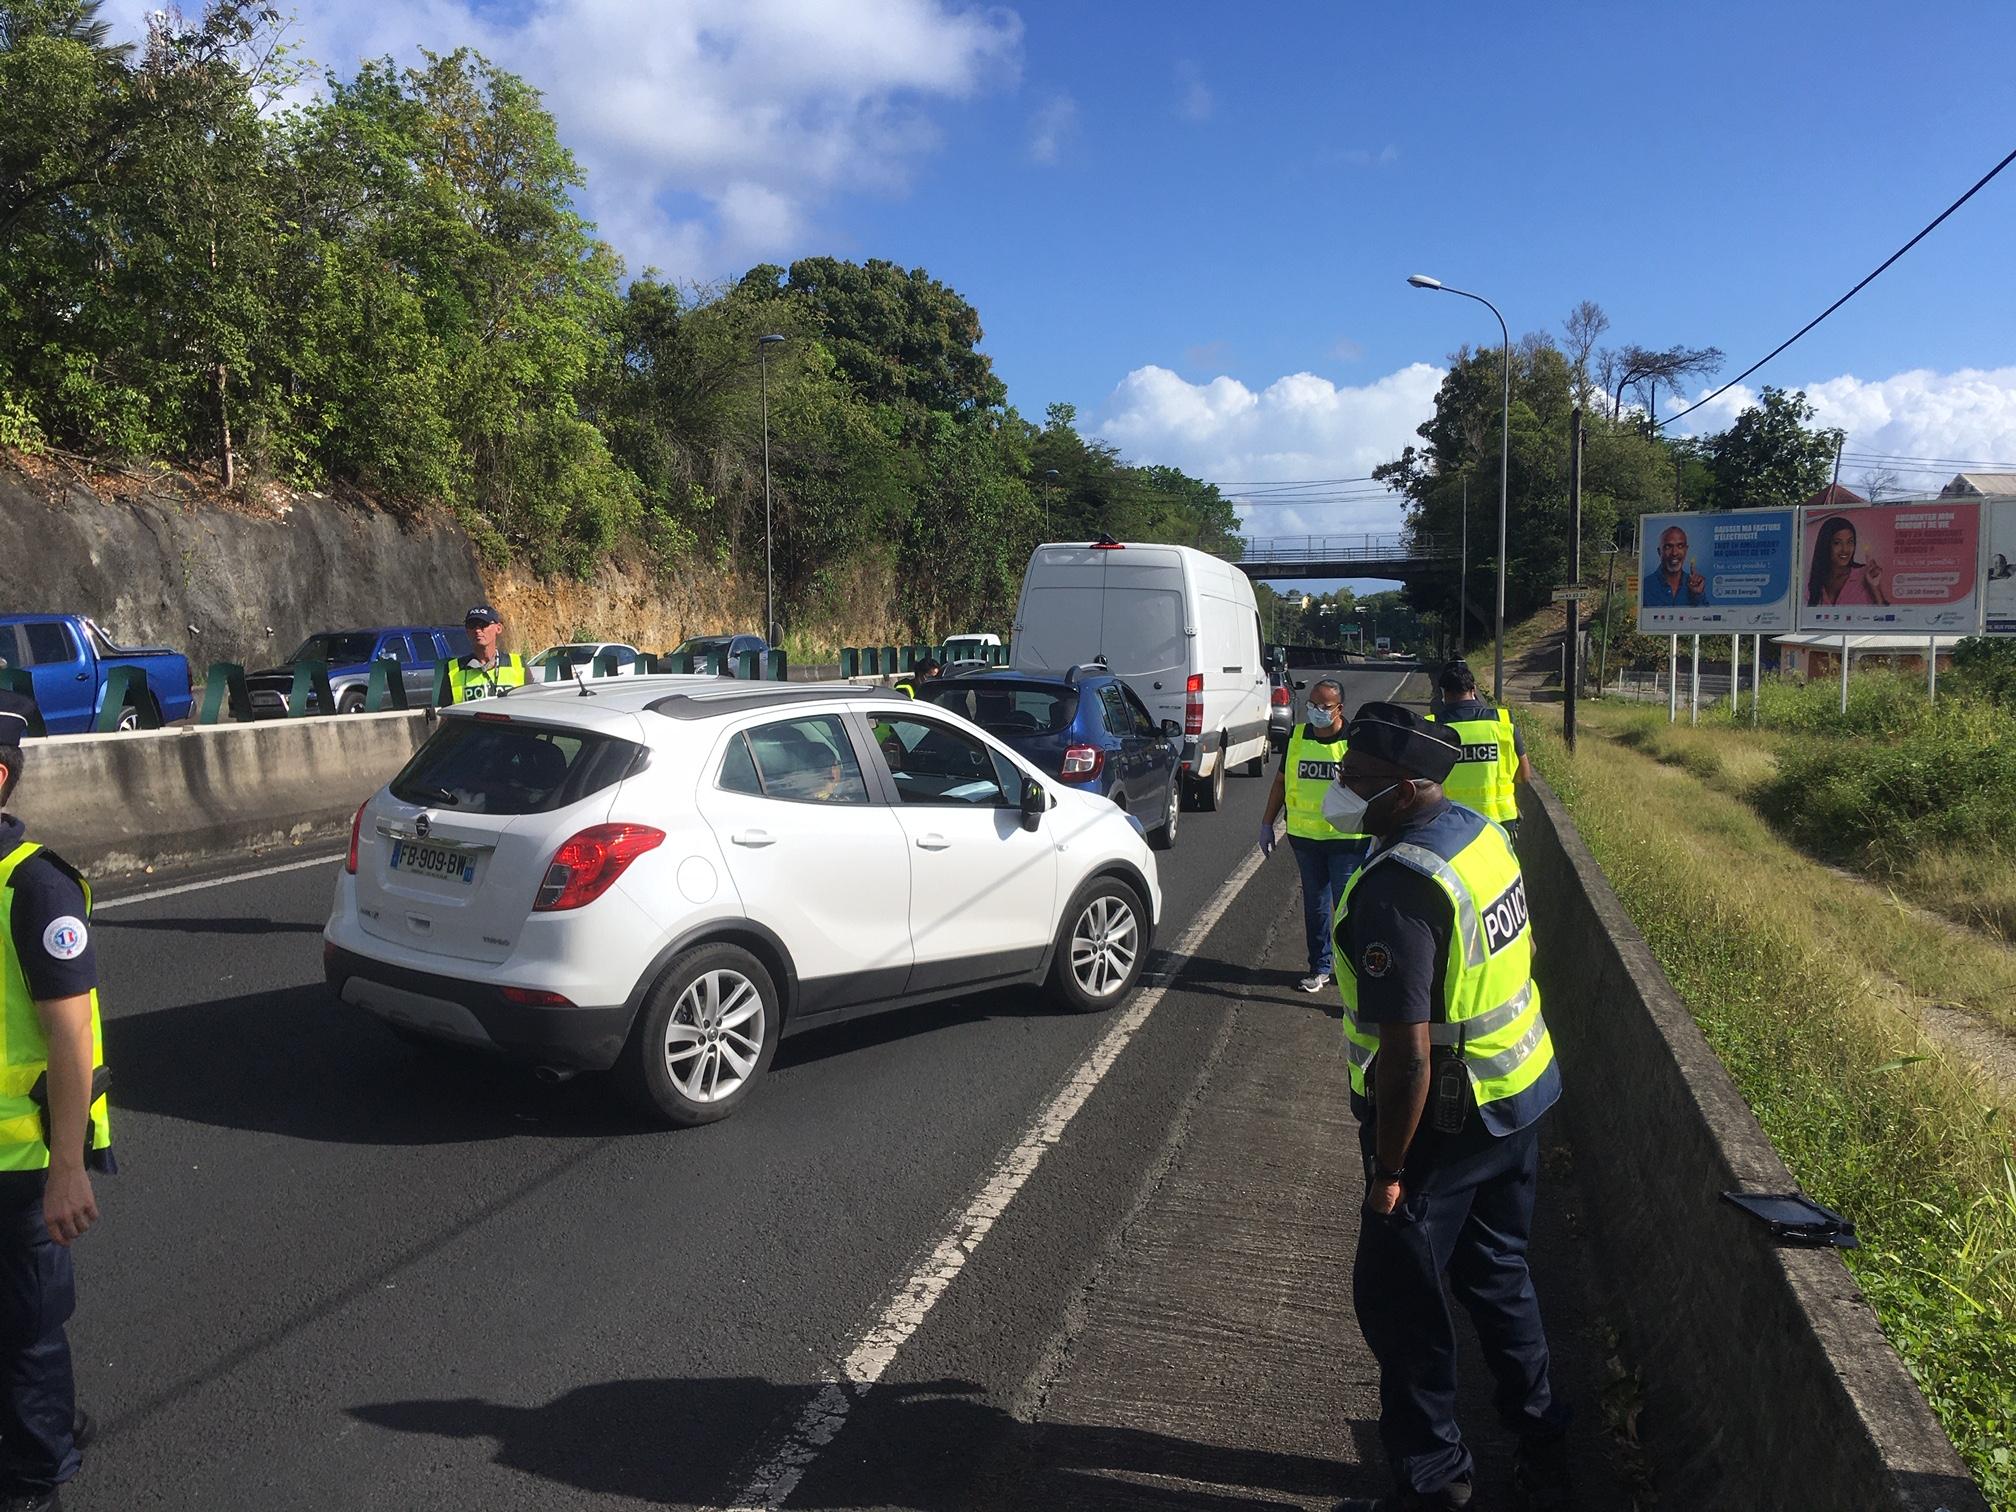 Plus de 700 véhicules contrôlés à Pointe-à-Pitre et 25 verbalisations